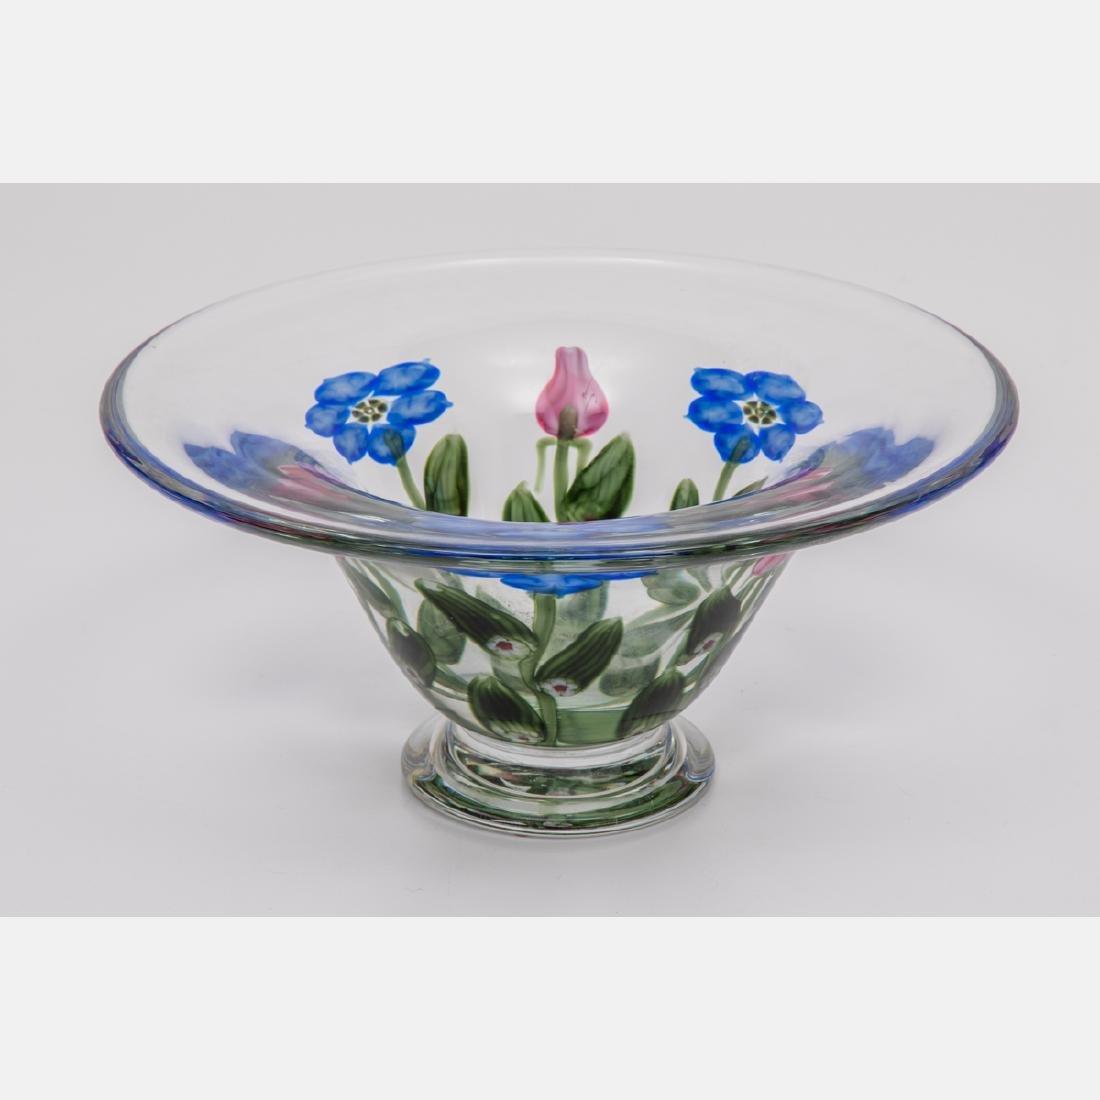 An Art Glass Center Bowl by Vandermark Merrit Glass